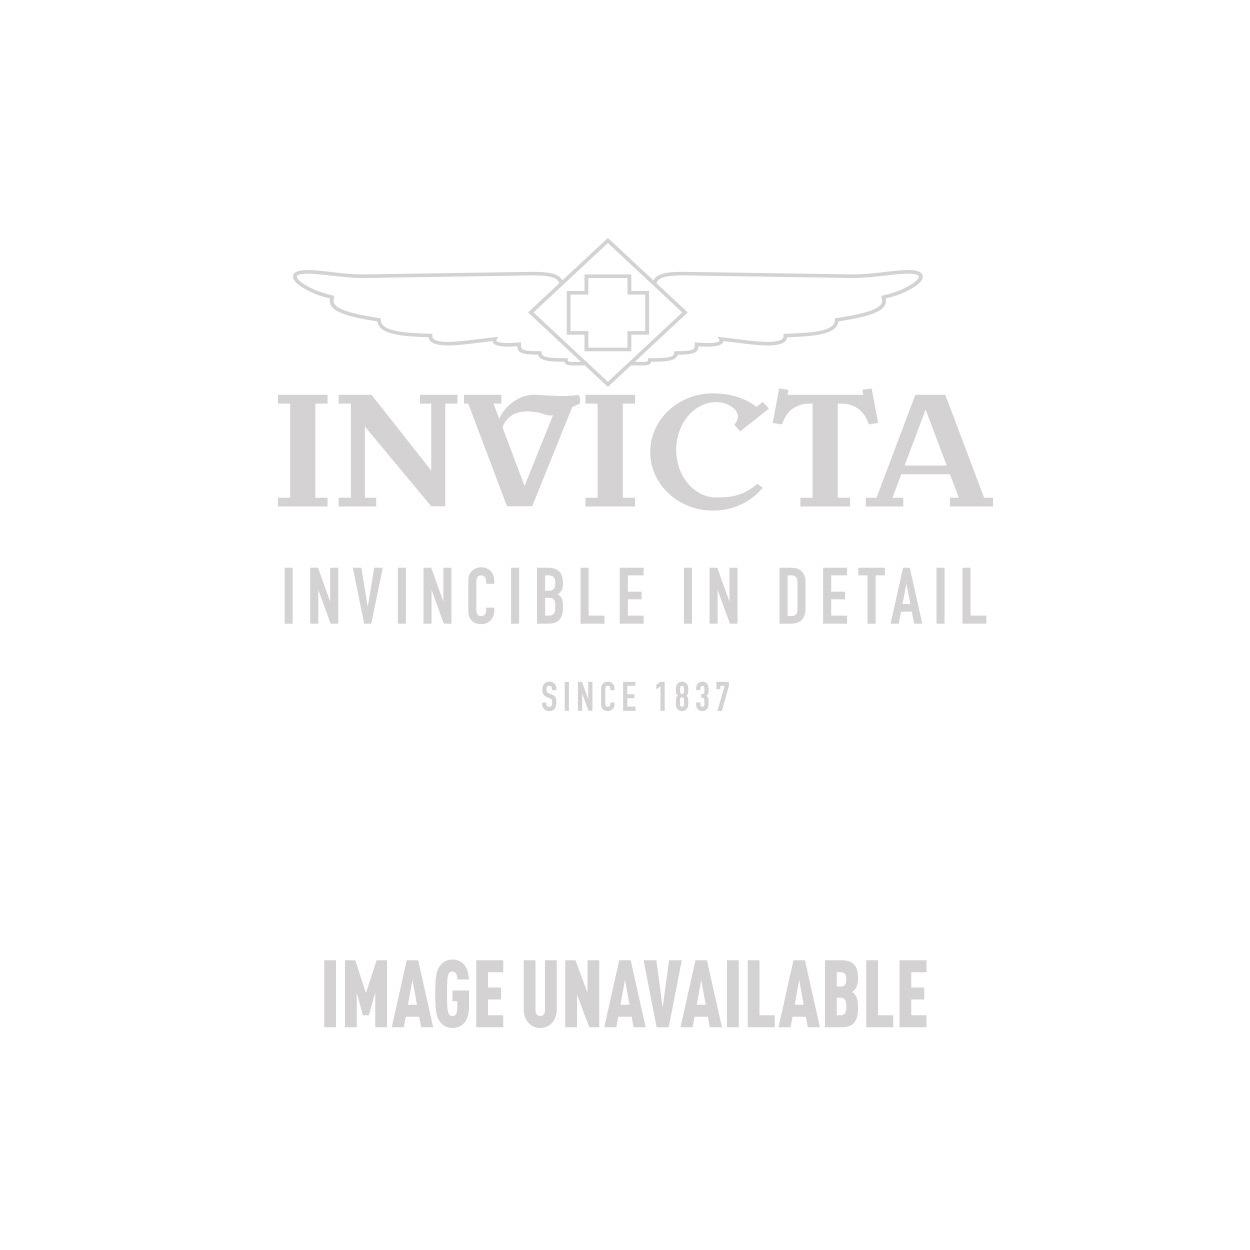 Invicta 7390